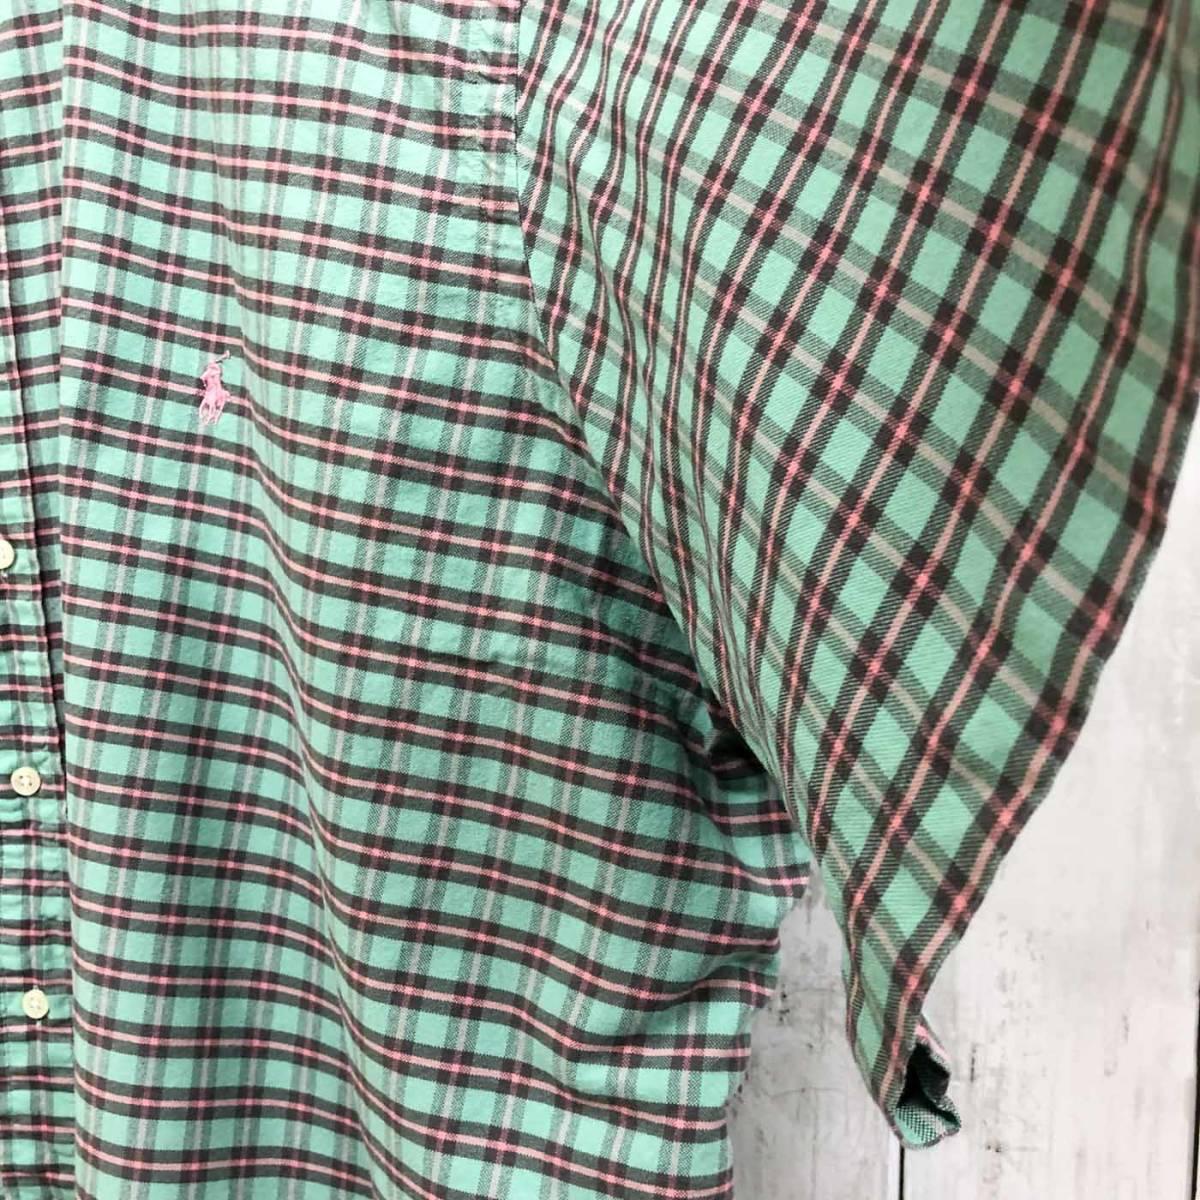 ラルフローレン POLO Ralph Lauren Polo 半袖シャツ メンズ ワンポイント 3XLサイズ 7-185_画像7